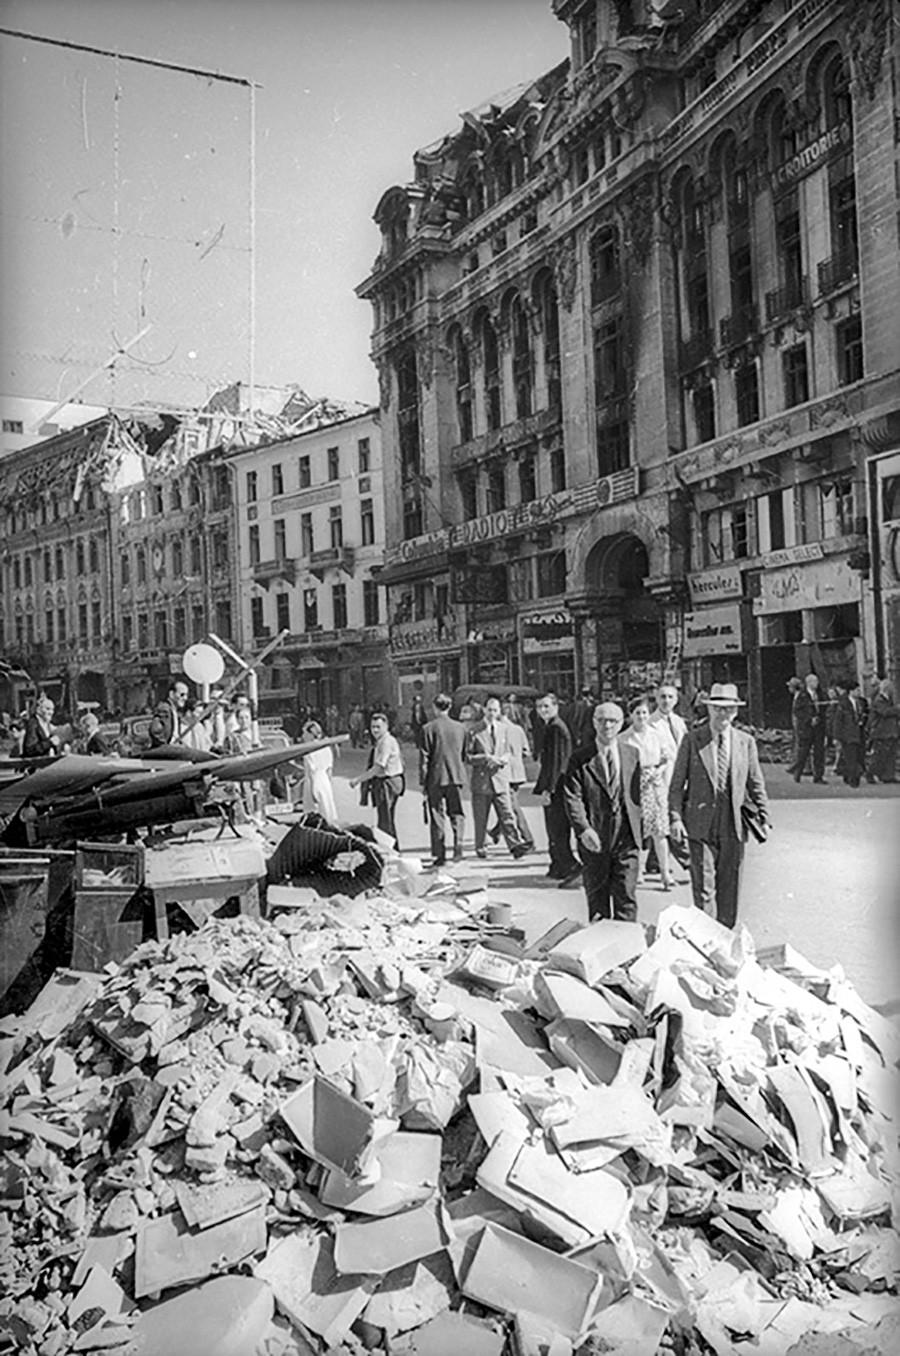 爆撃で倒壊した建物の瓦礫